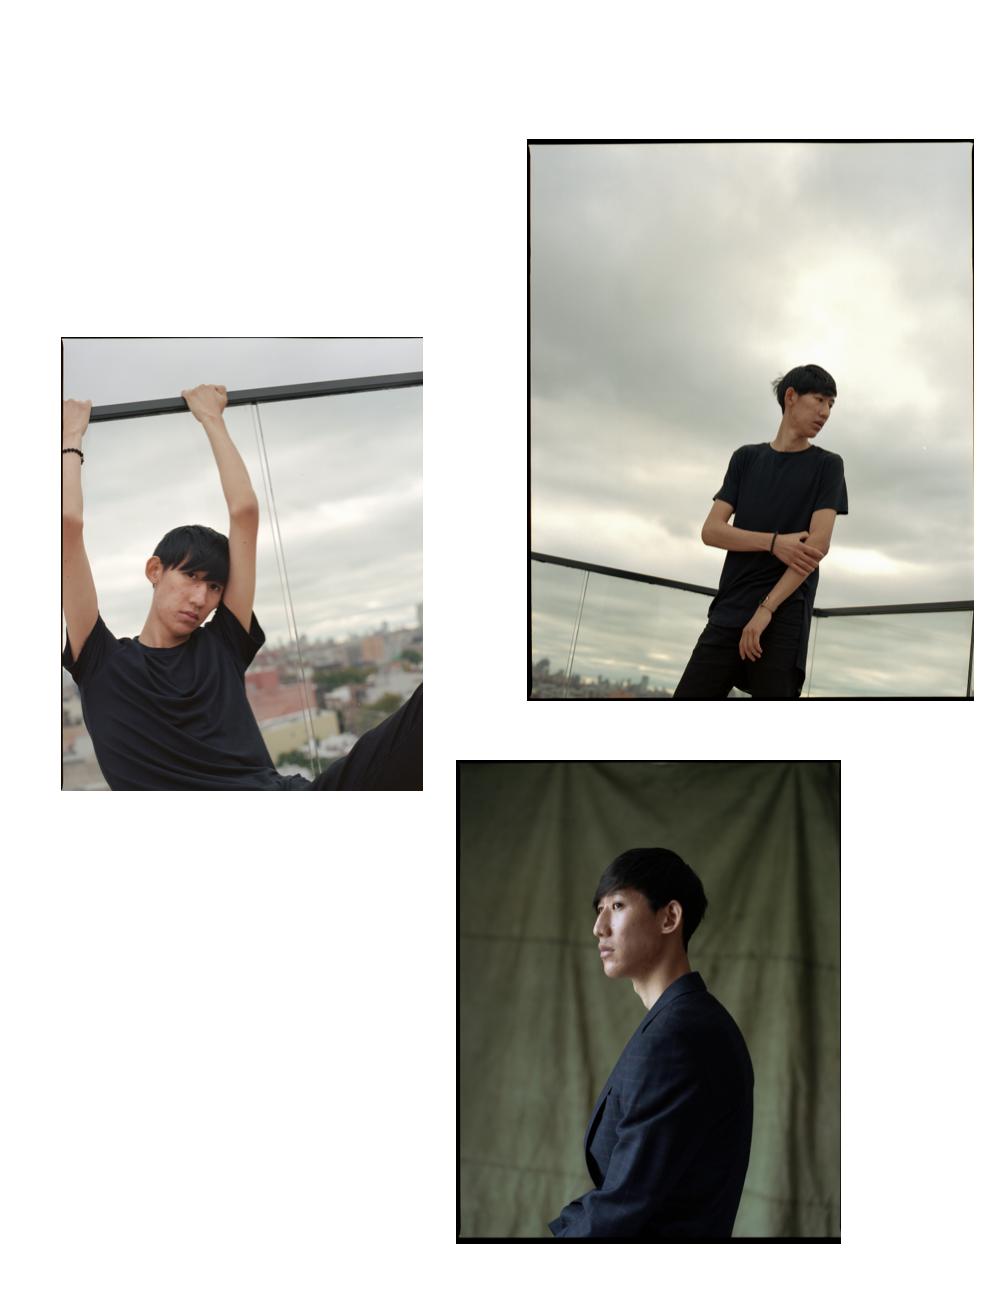 ingmar_chen_02.png